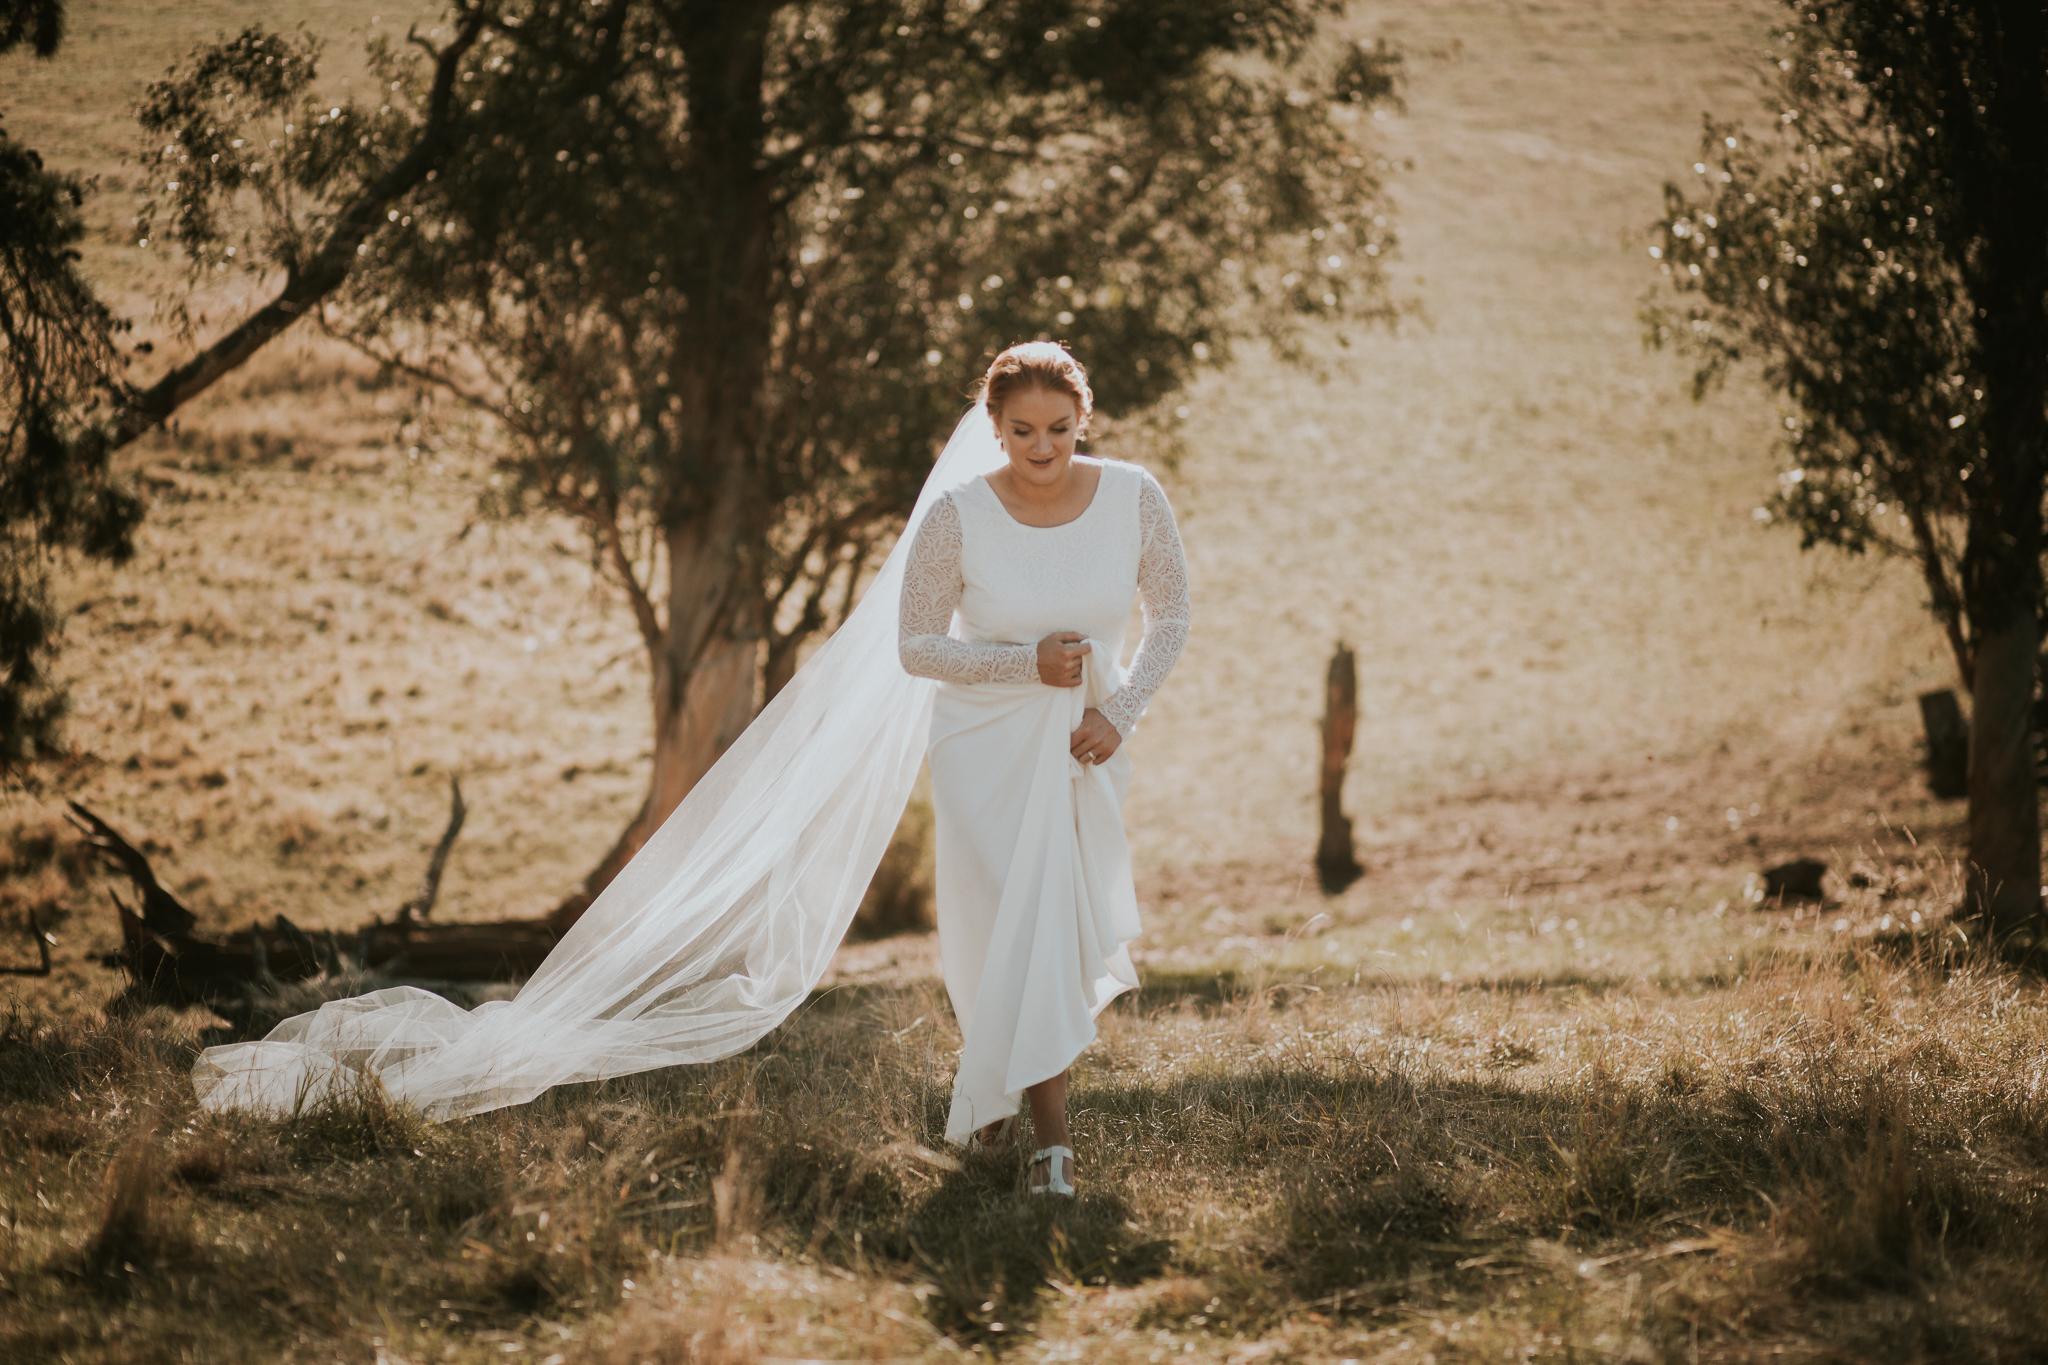 wedding photographer hawkes bay , Lisa Fisher Photography, Selini Winery Wedding -171.jpg